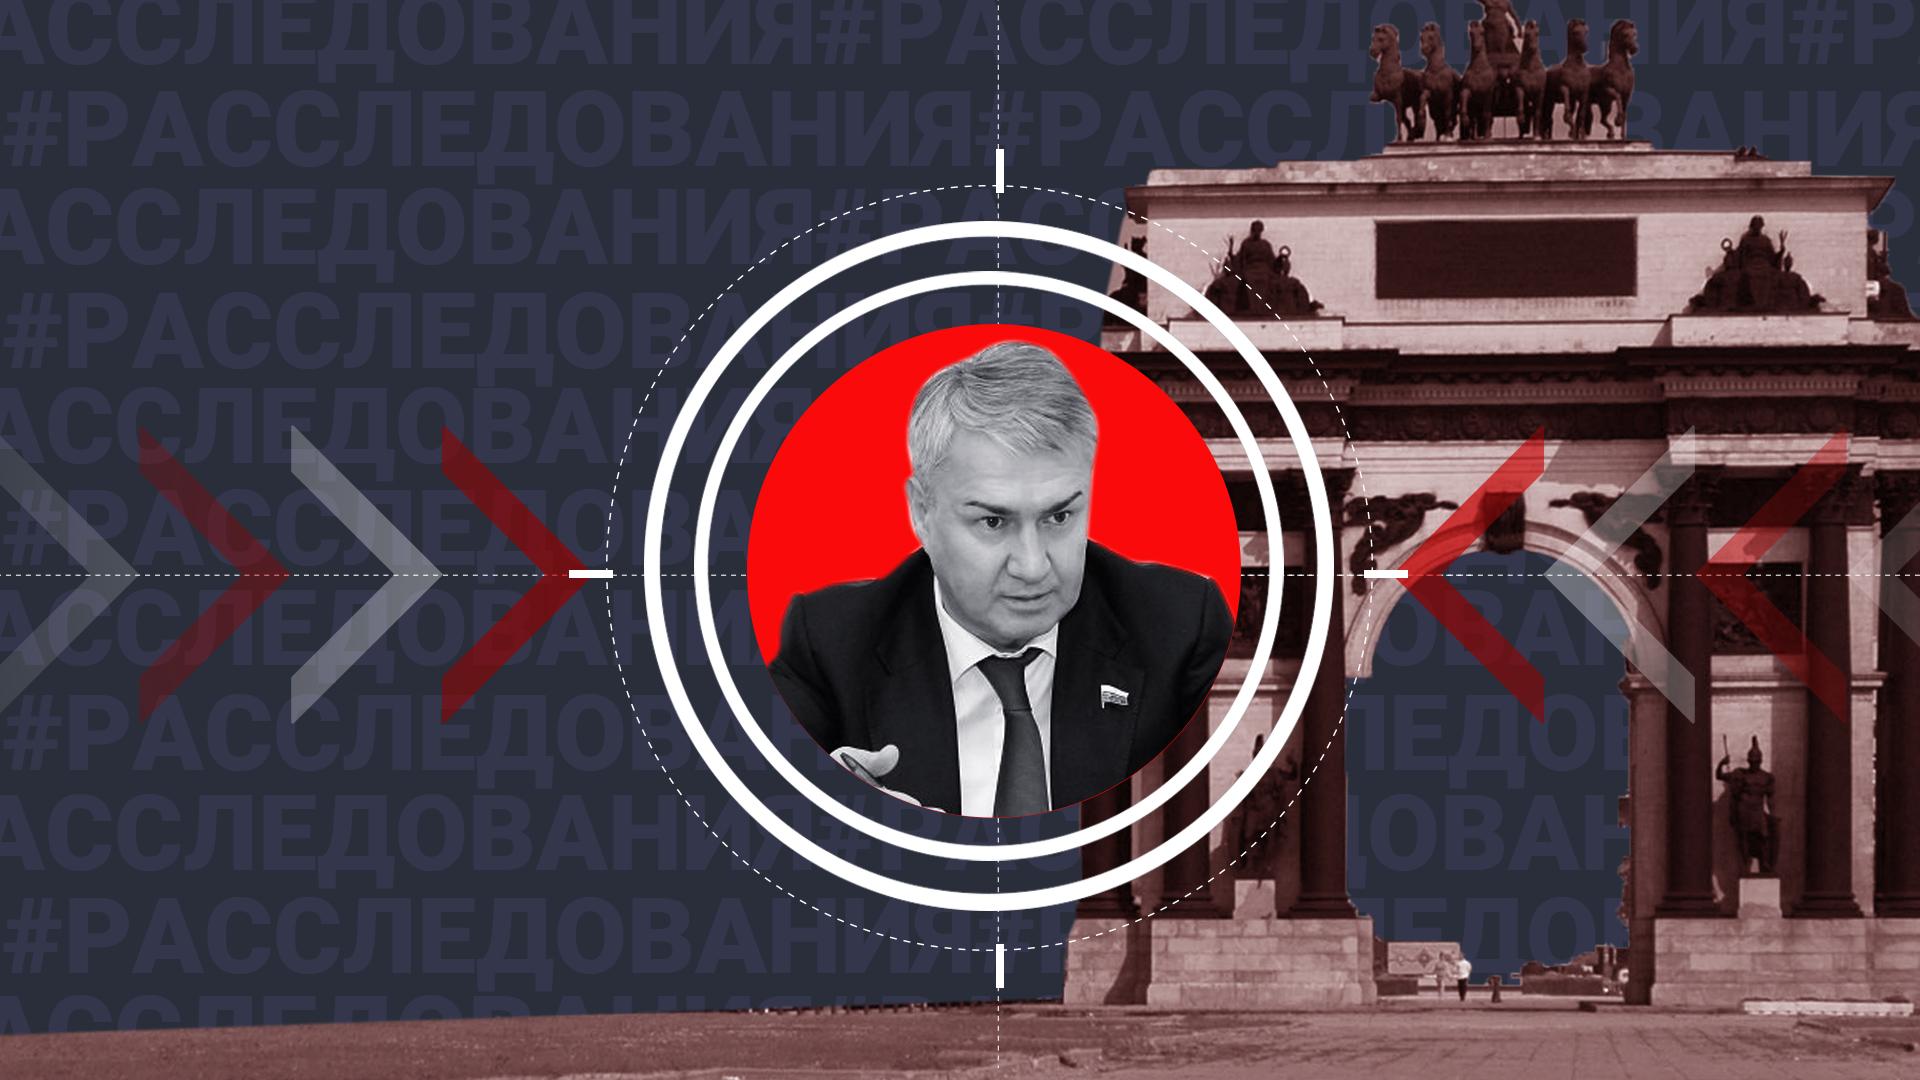 """<p>Фото© <a href=""""https://www.newsler.ru/politics/2016/12/13/raxim-azimov:-trebovaniya-k-kandidatam-na-zameshhenie-dolzhnostej-gossluzhbyi-budut-uzhestochenyi"""" target=""""_blank"""" rel=""""noopener noreferrer"""">newsler.ru</a>, ТАСС / Великжанин Виктор</p>"""